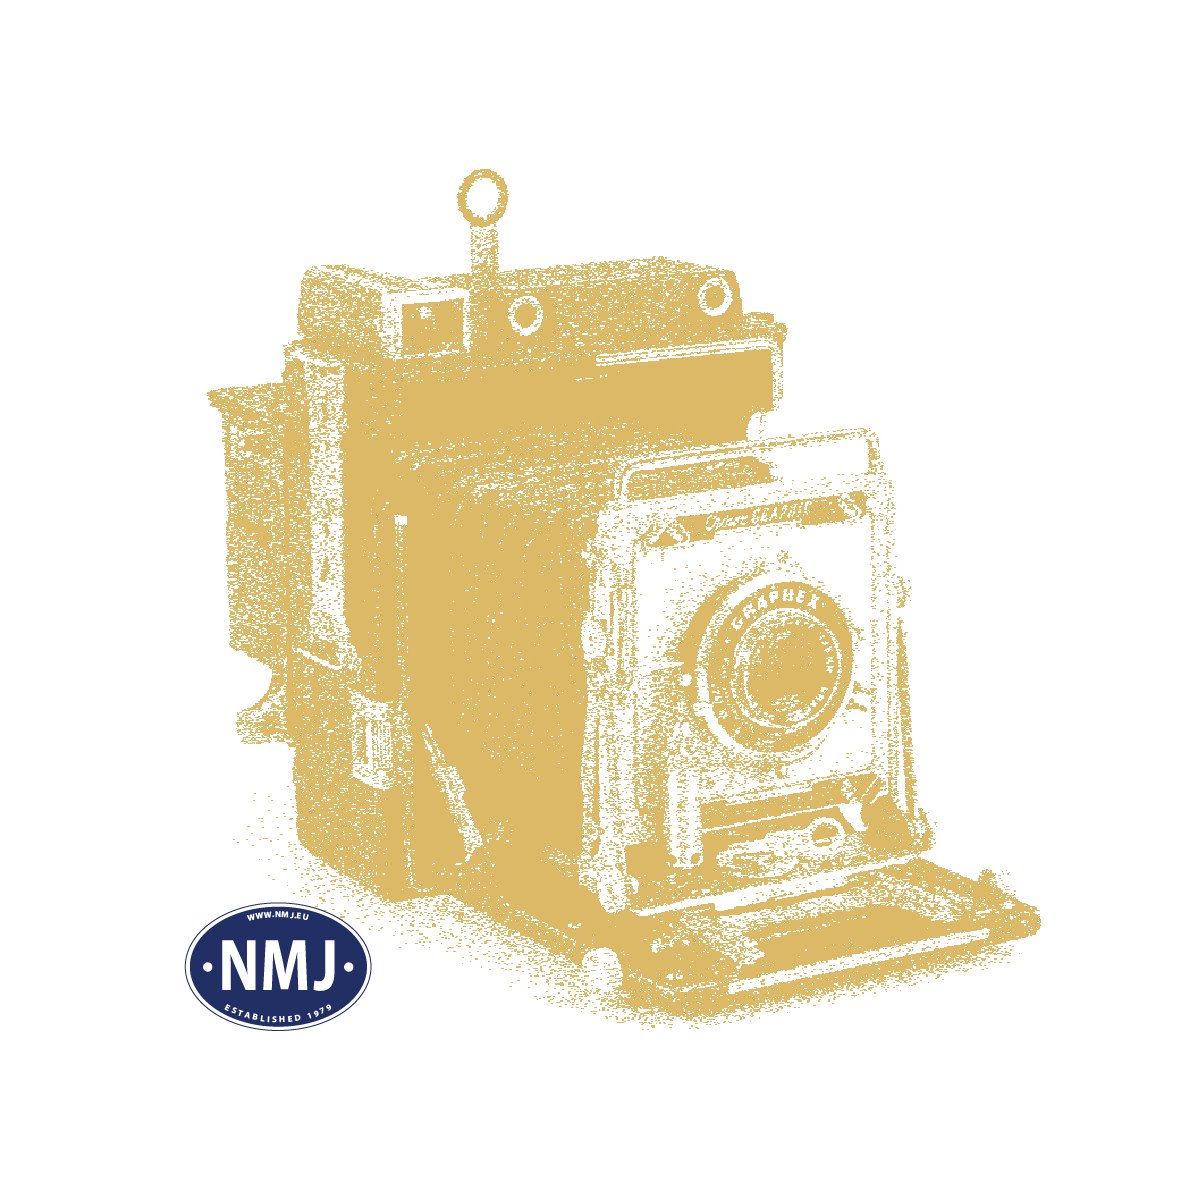 NMJT90603 - NMJ Topline Strabag TMY 1147, DC